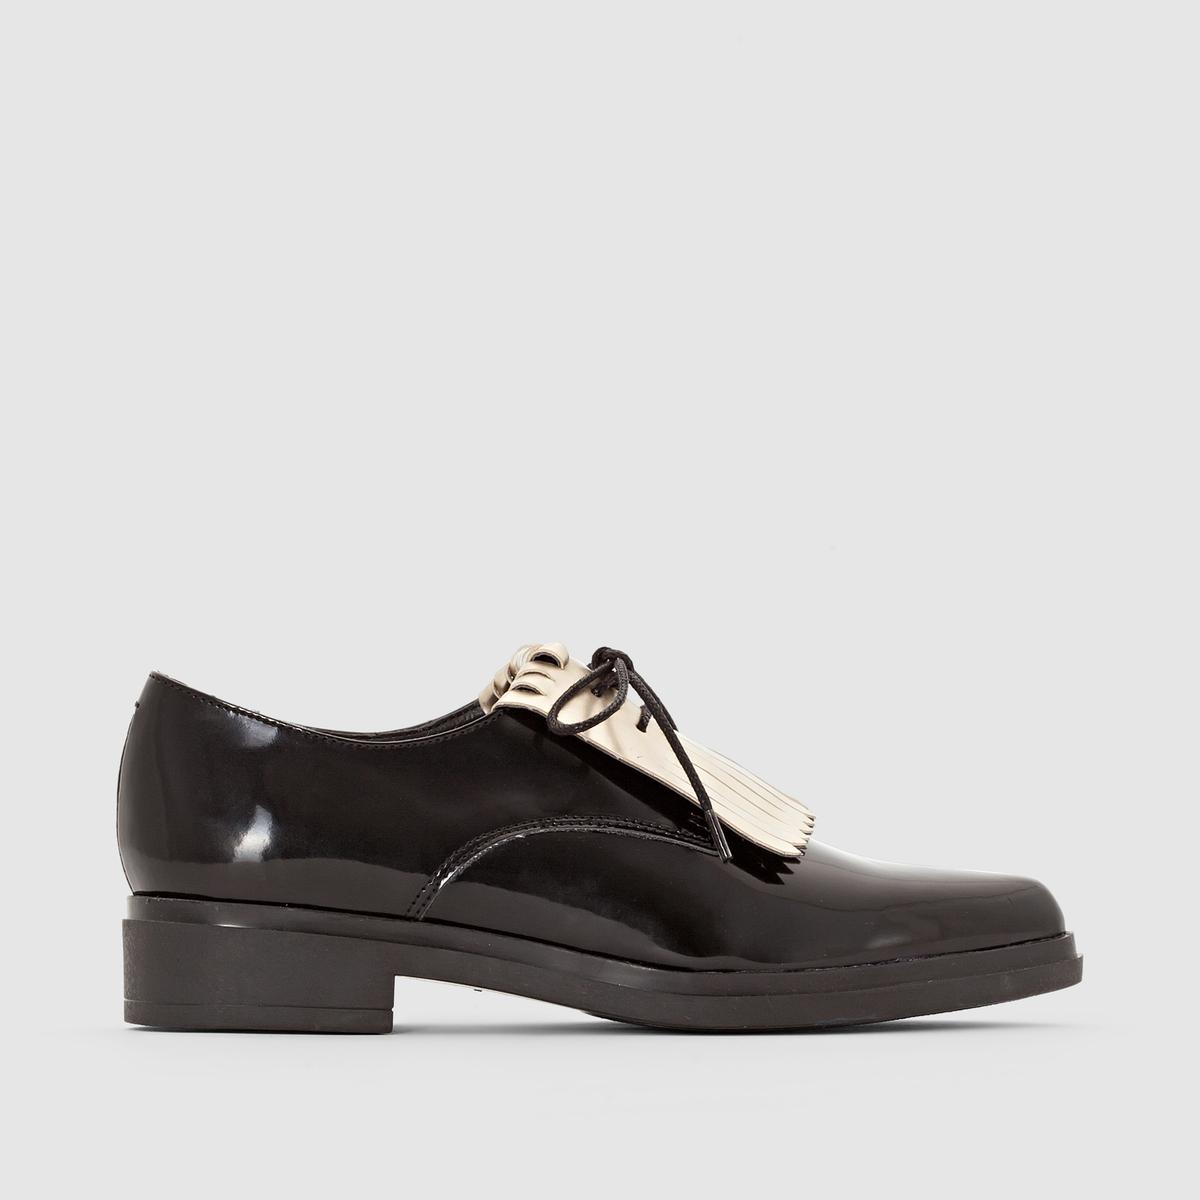 Ботинки-дерби с мексиканской планкой золотистого цвета